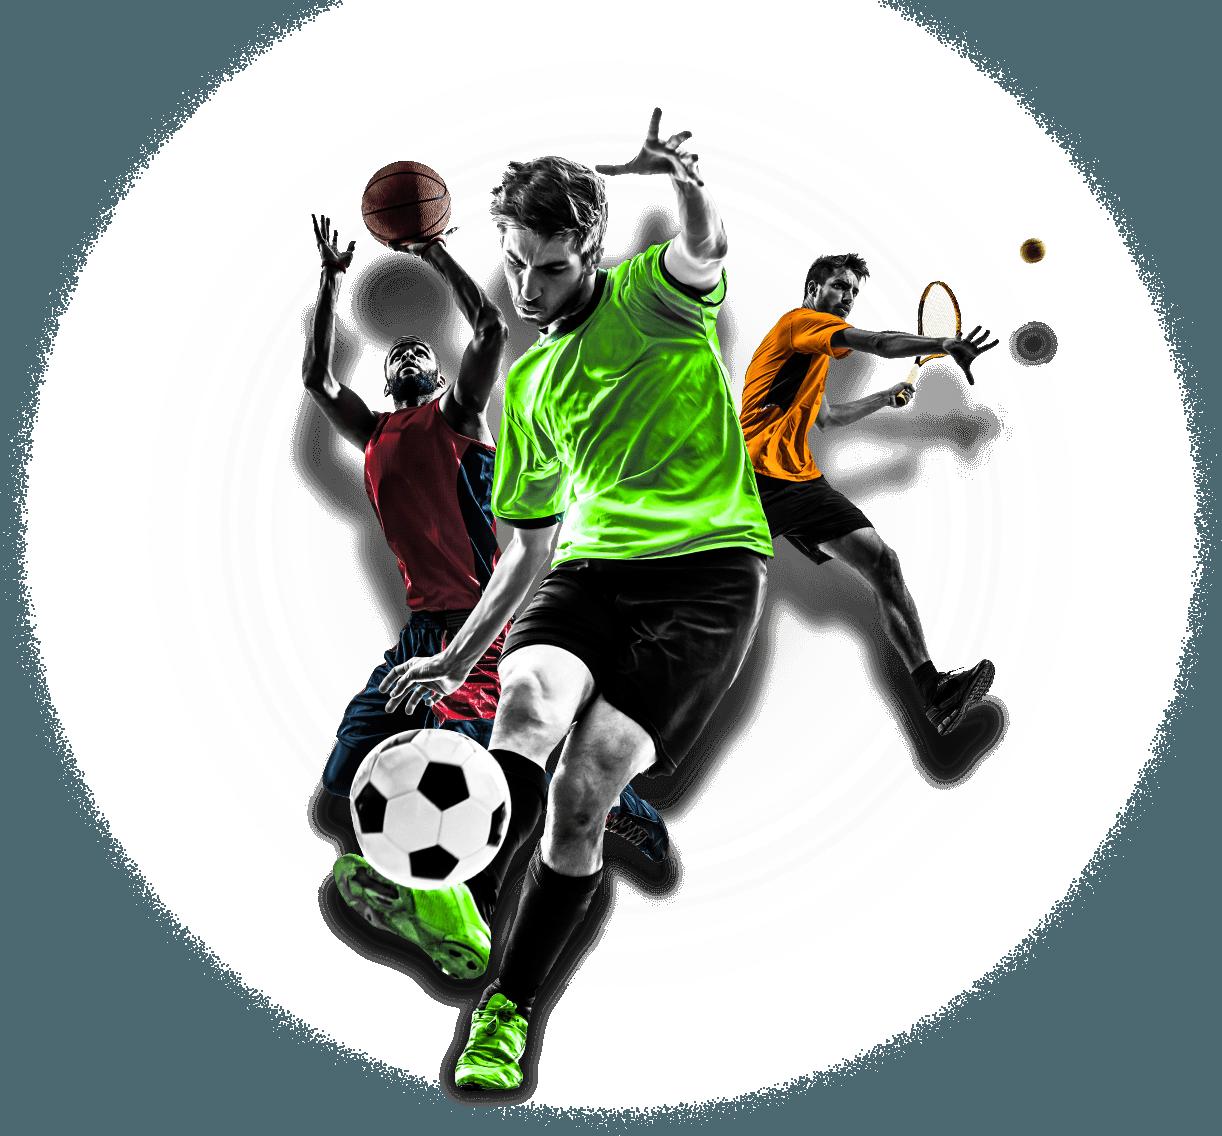 как мониторинг загрузку на ставки спорт